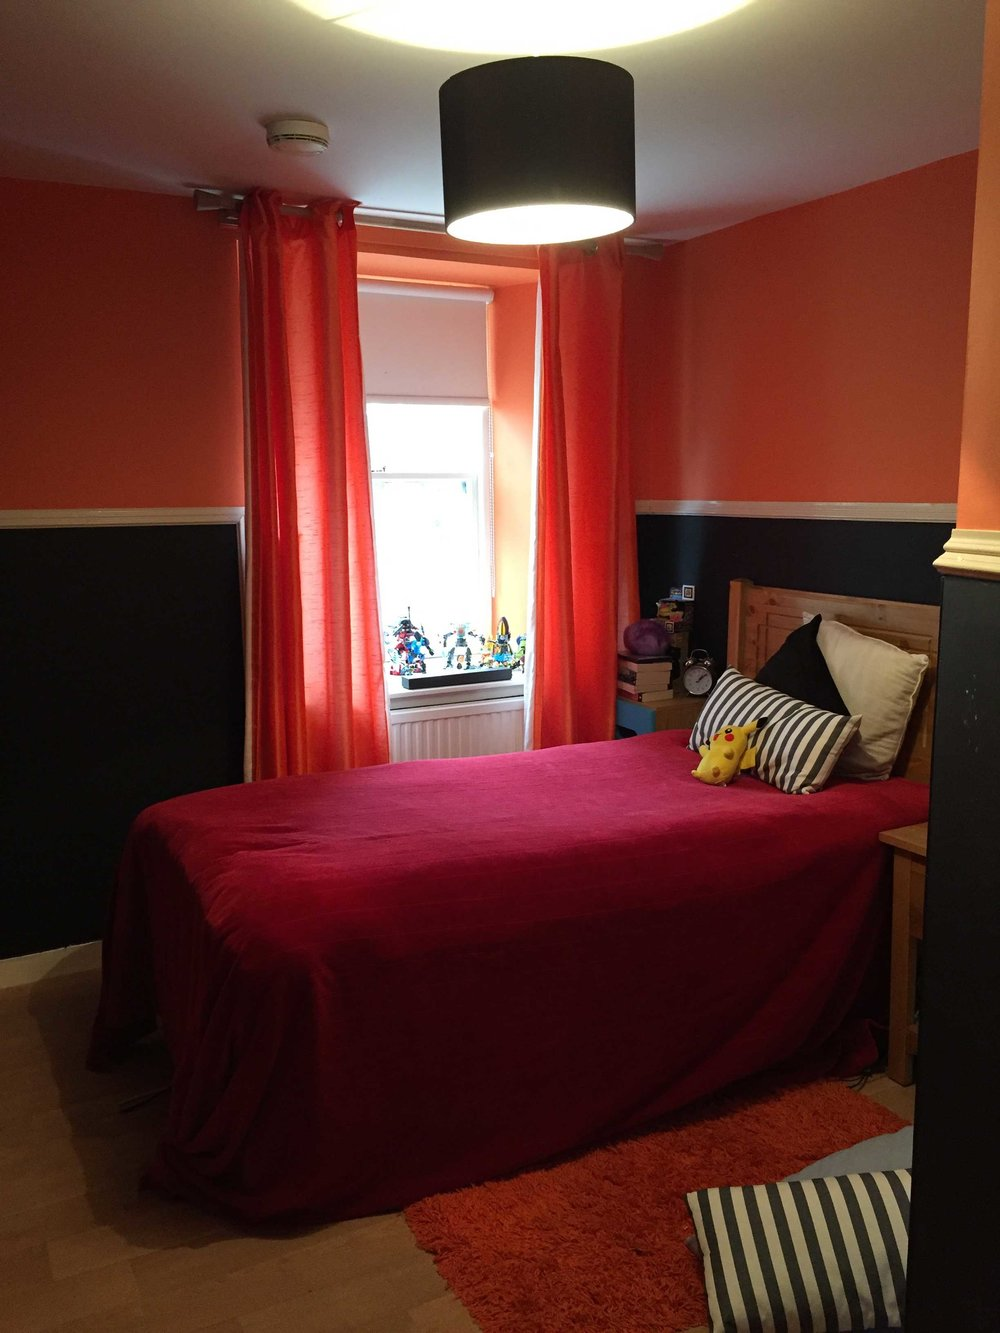 Bedroom3-opt.jpg